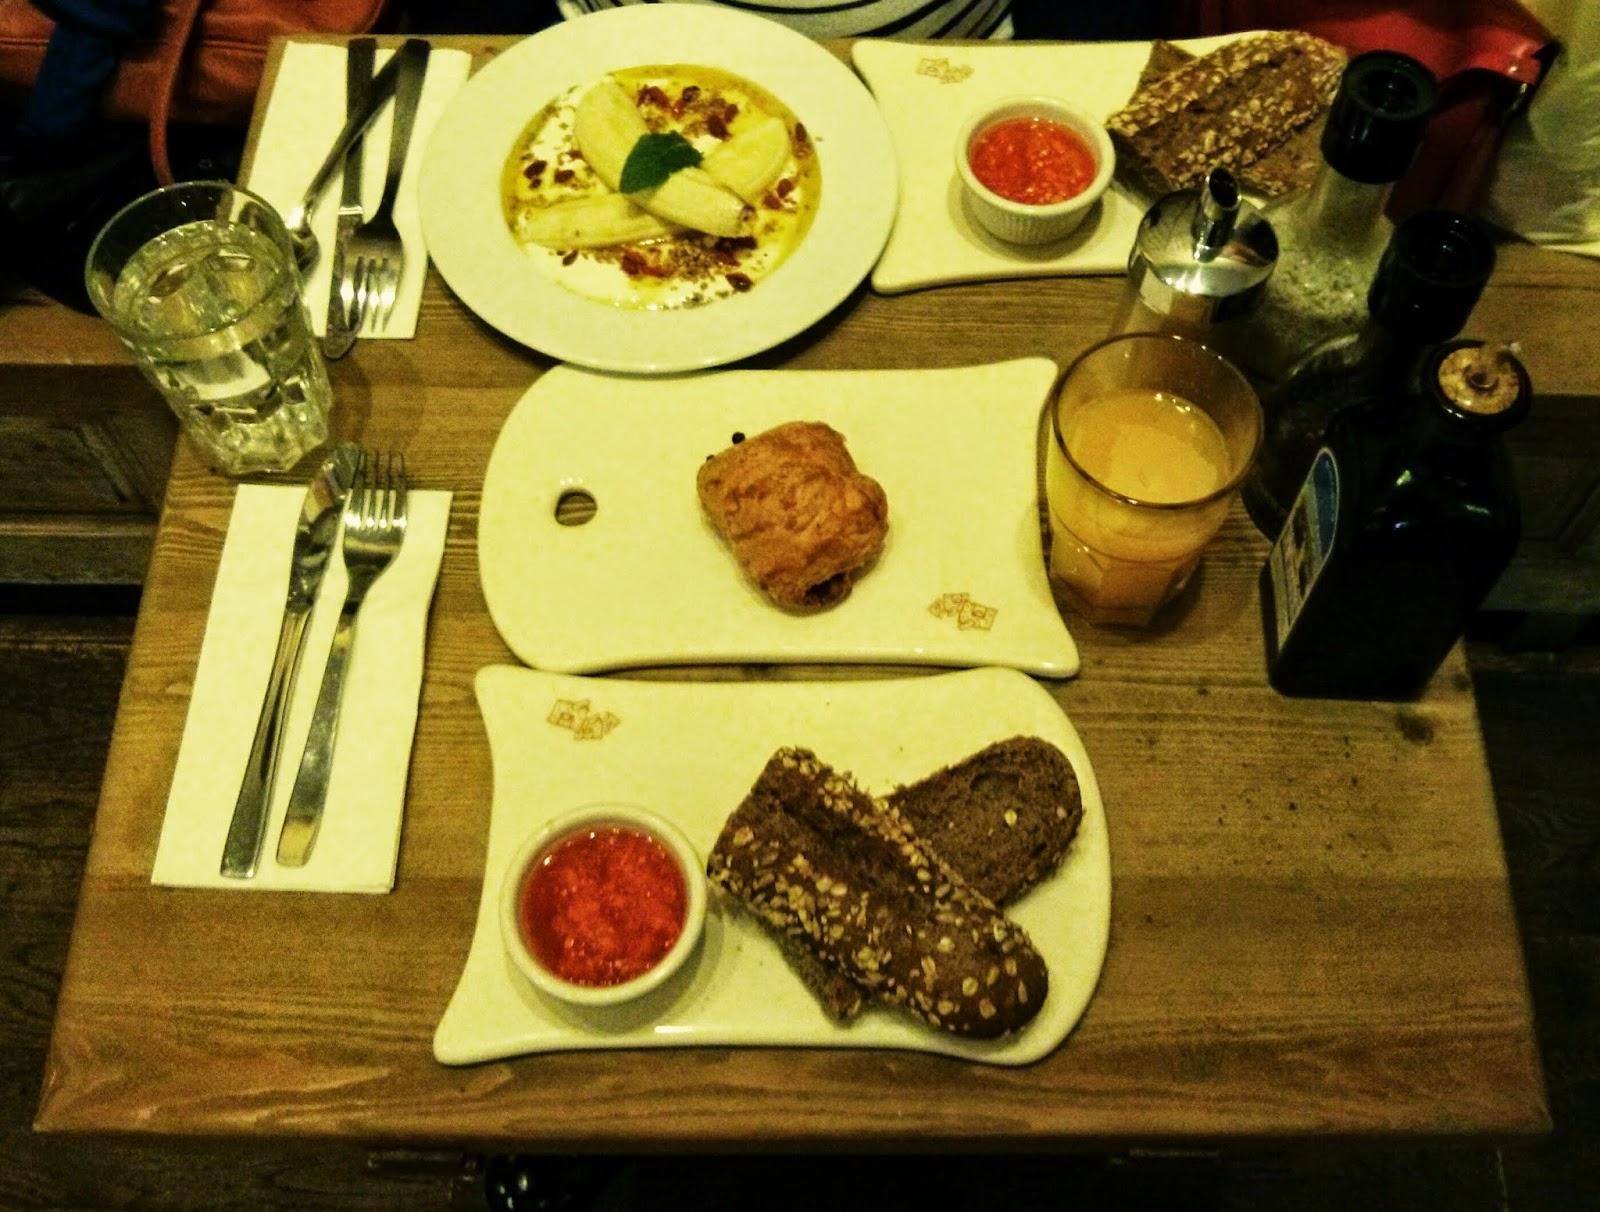 Le Pain Quotidien - Desayuno